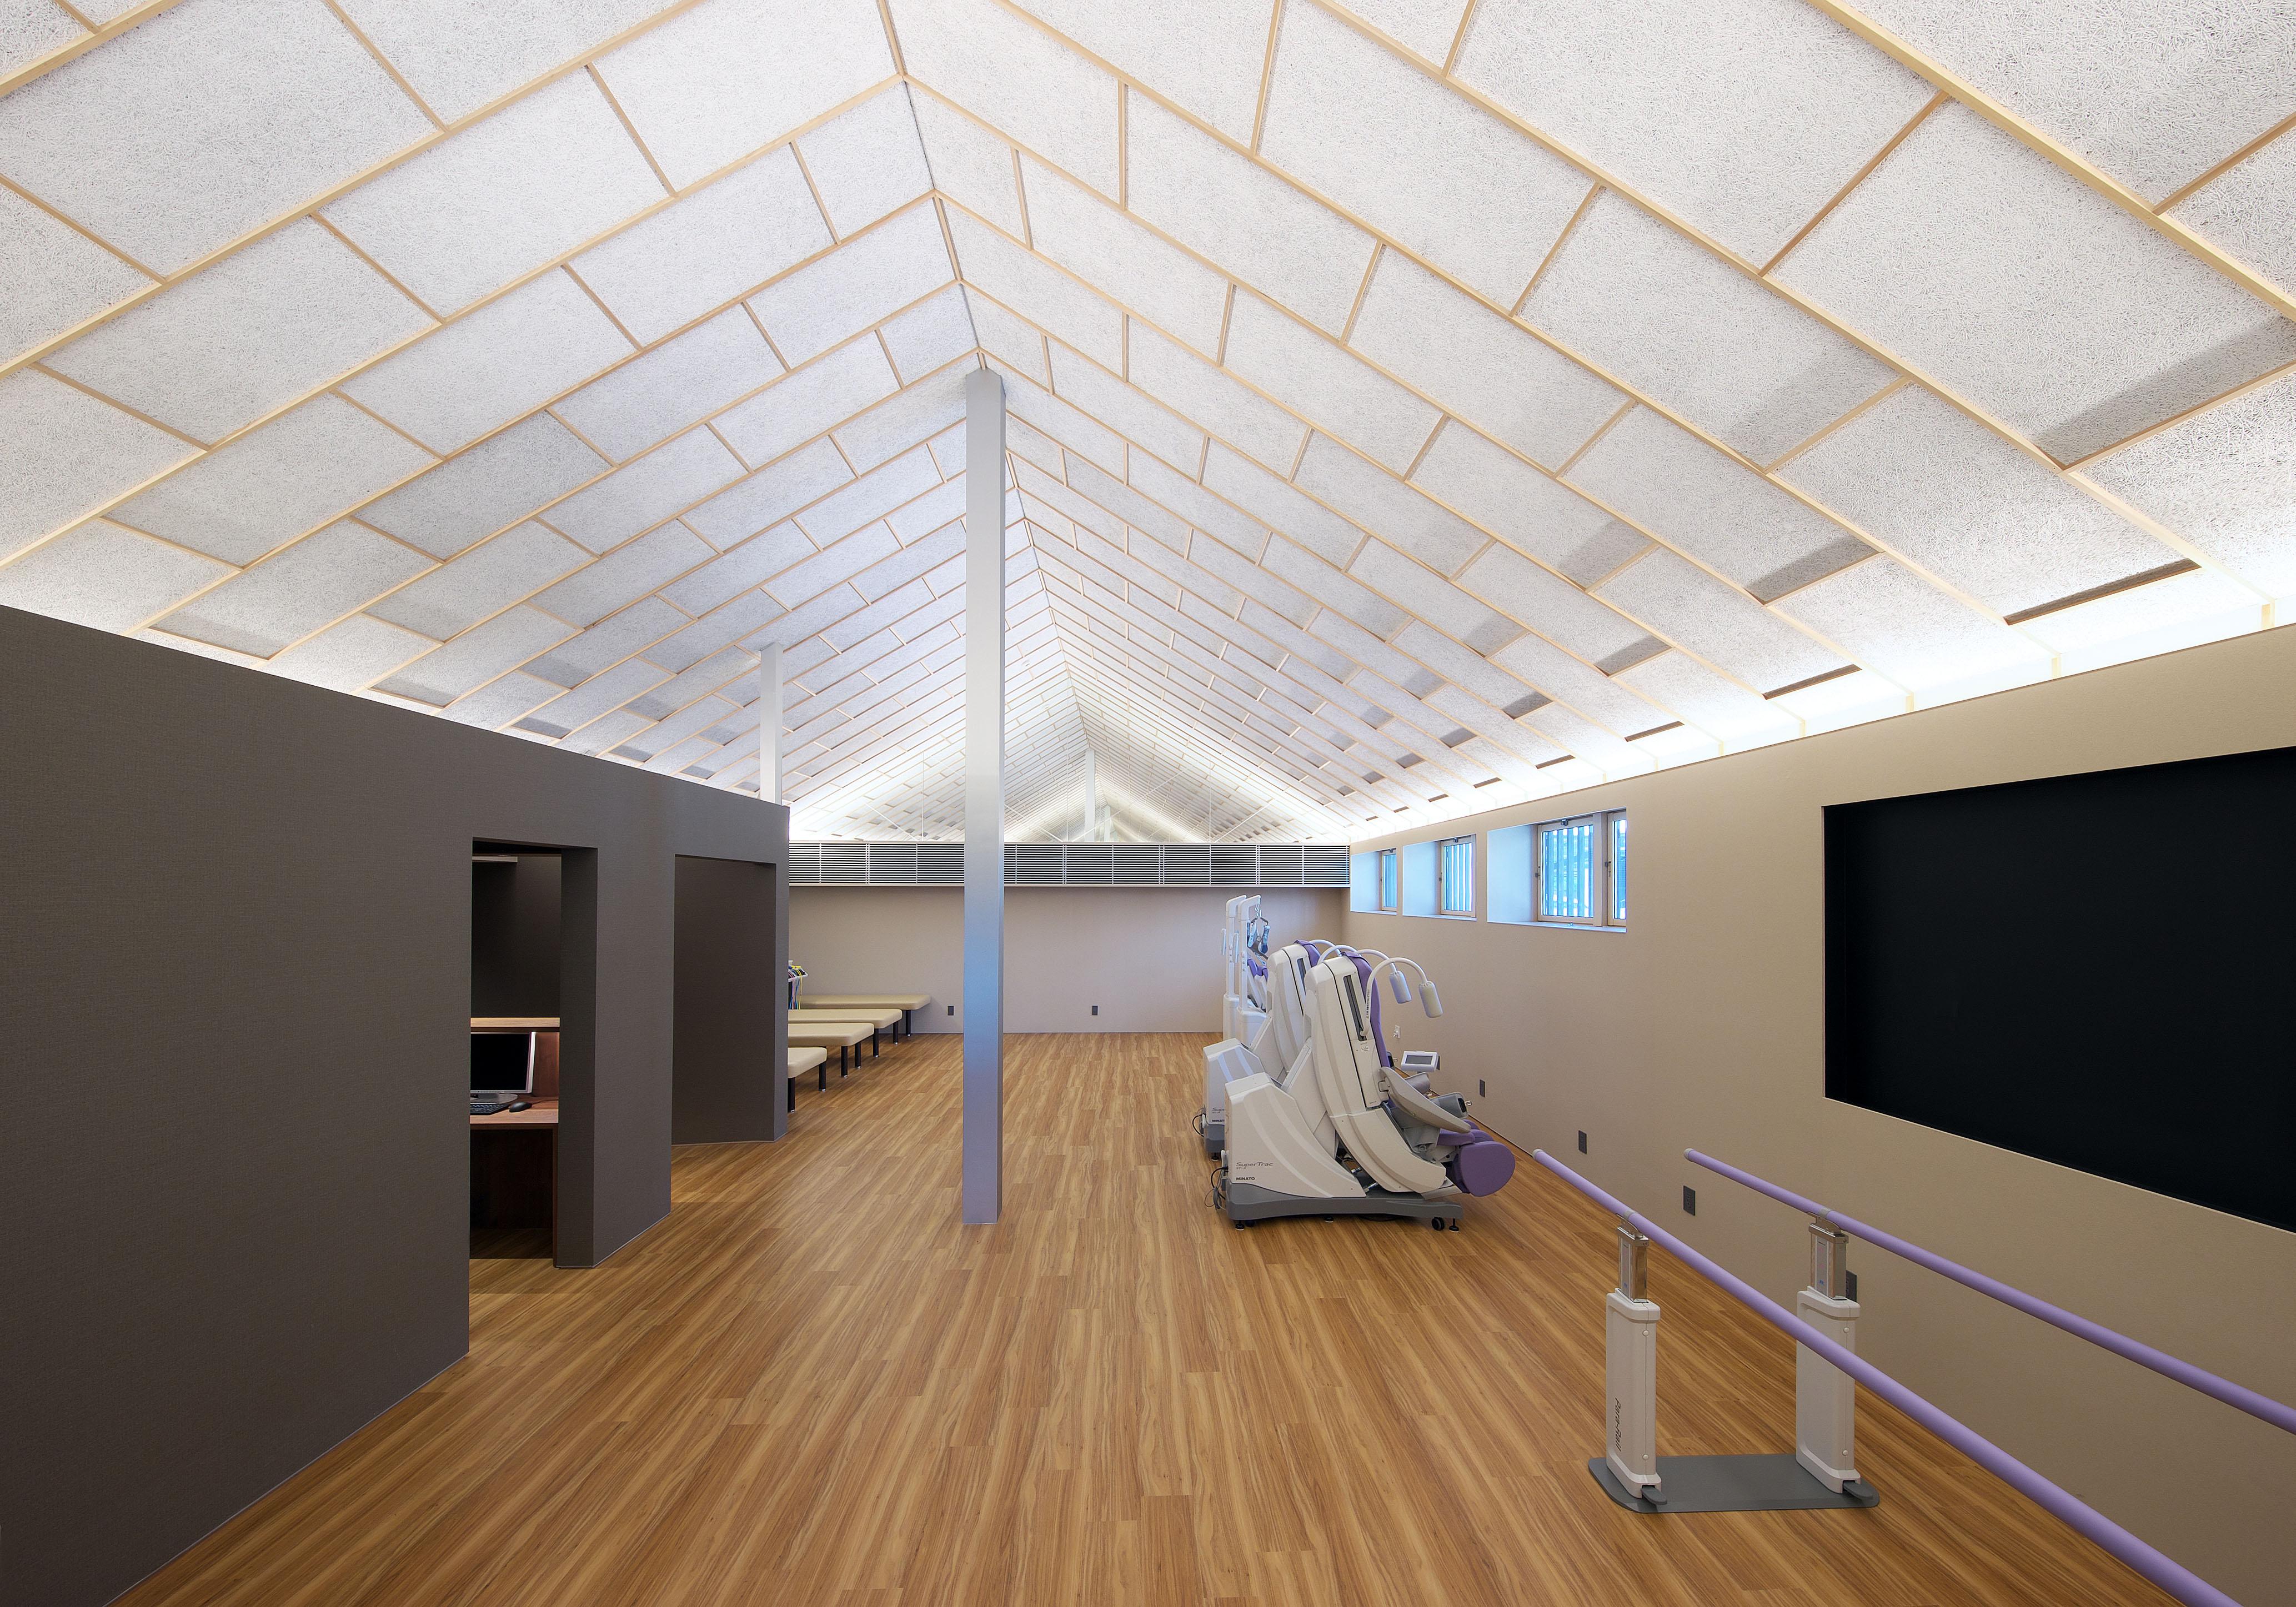 おおやぶ内科 整形外科 平岡建築デザインの設計の糖尿病内科クリニックのリハビリ室内装